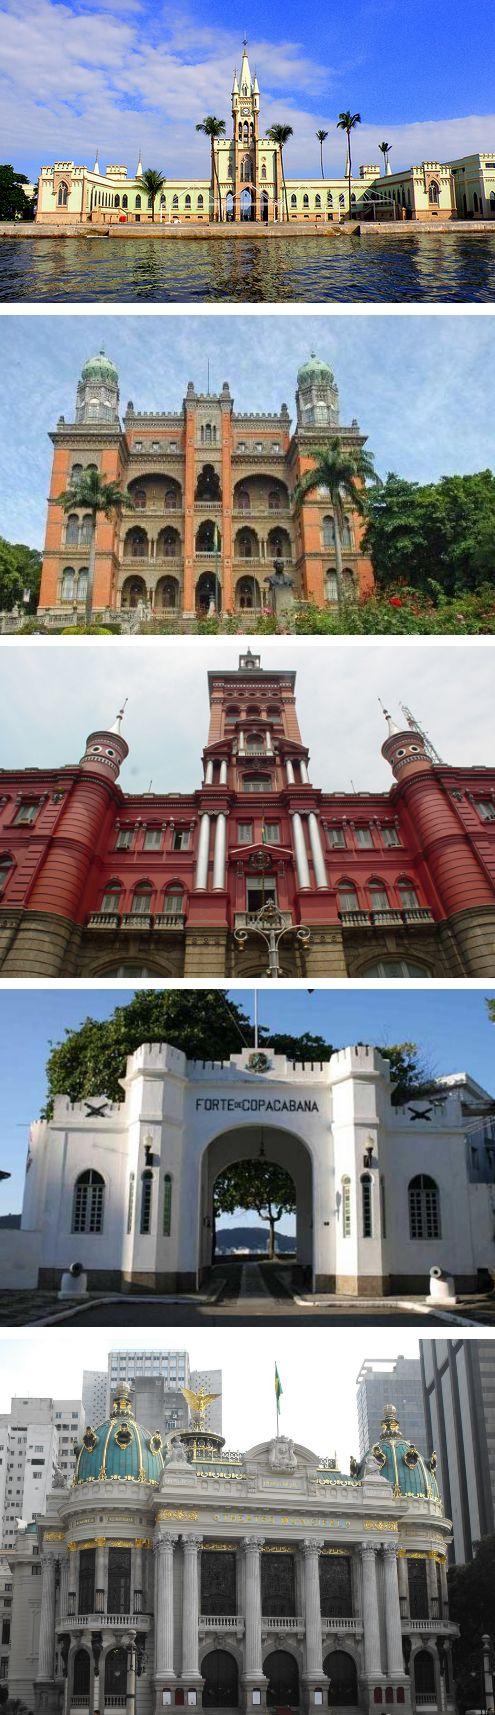 RIO DE JANEIRO - Palácio da Ilha Fiscal - Instituto Oswaldo Cruz - Quartel Central do Corpo de Bombeiros - Forte de Copacabana - Teatro Municipal